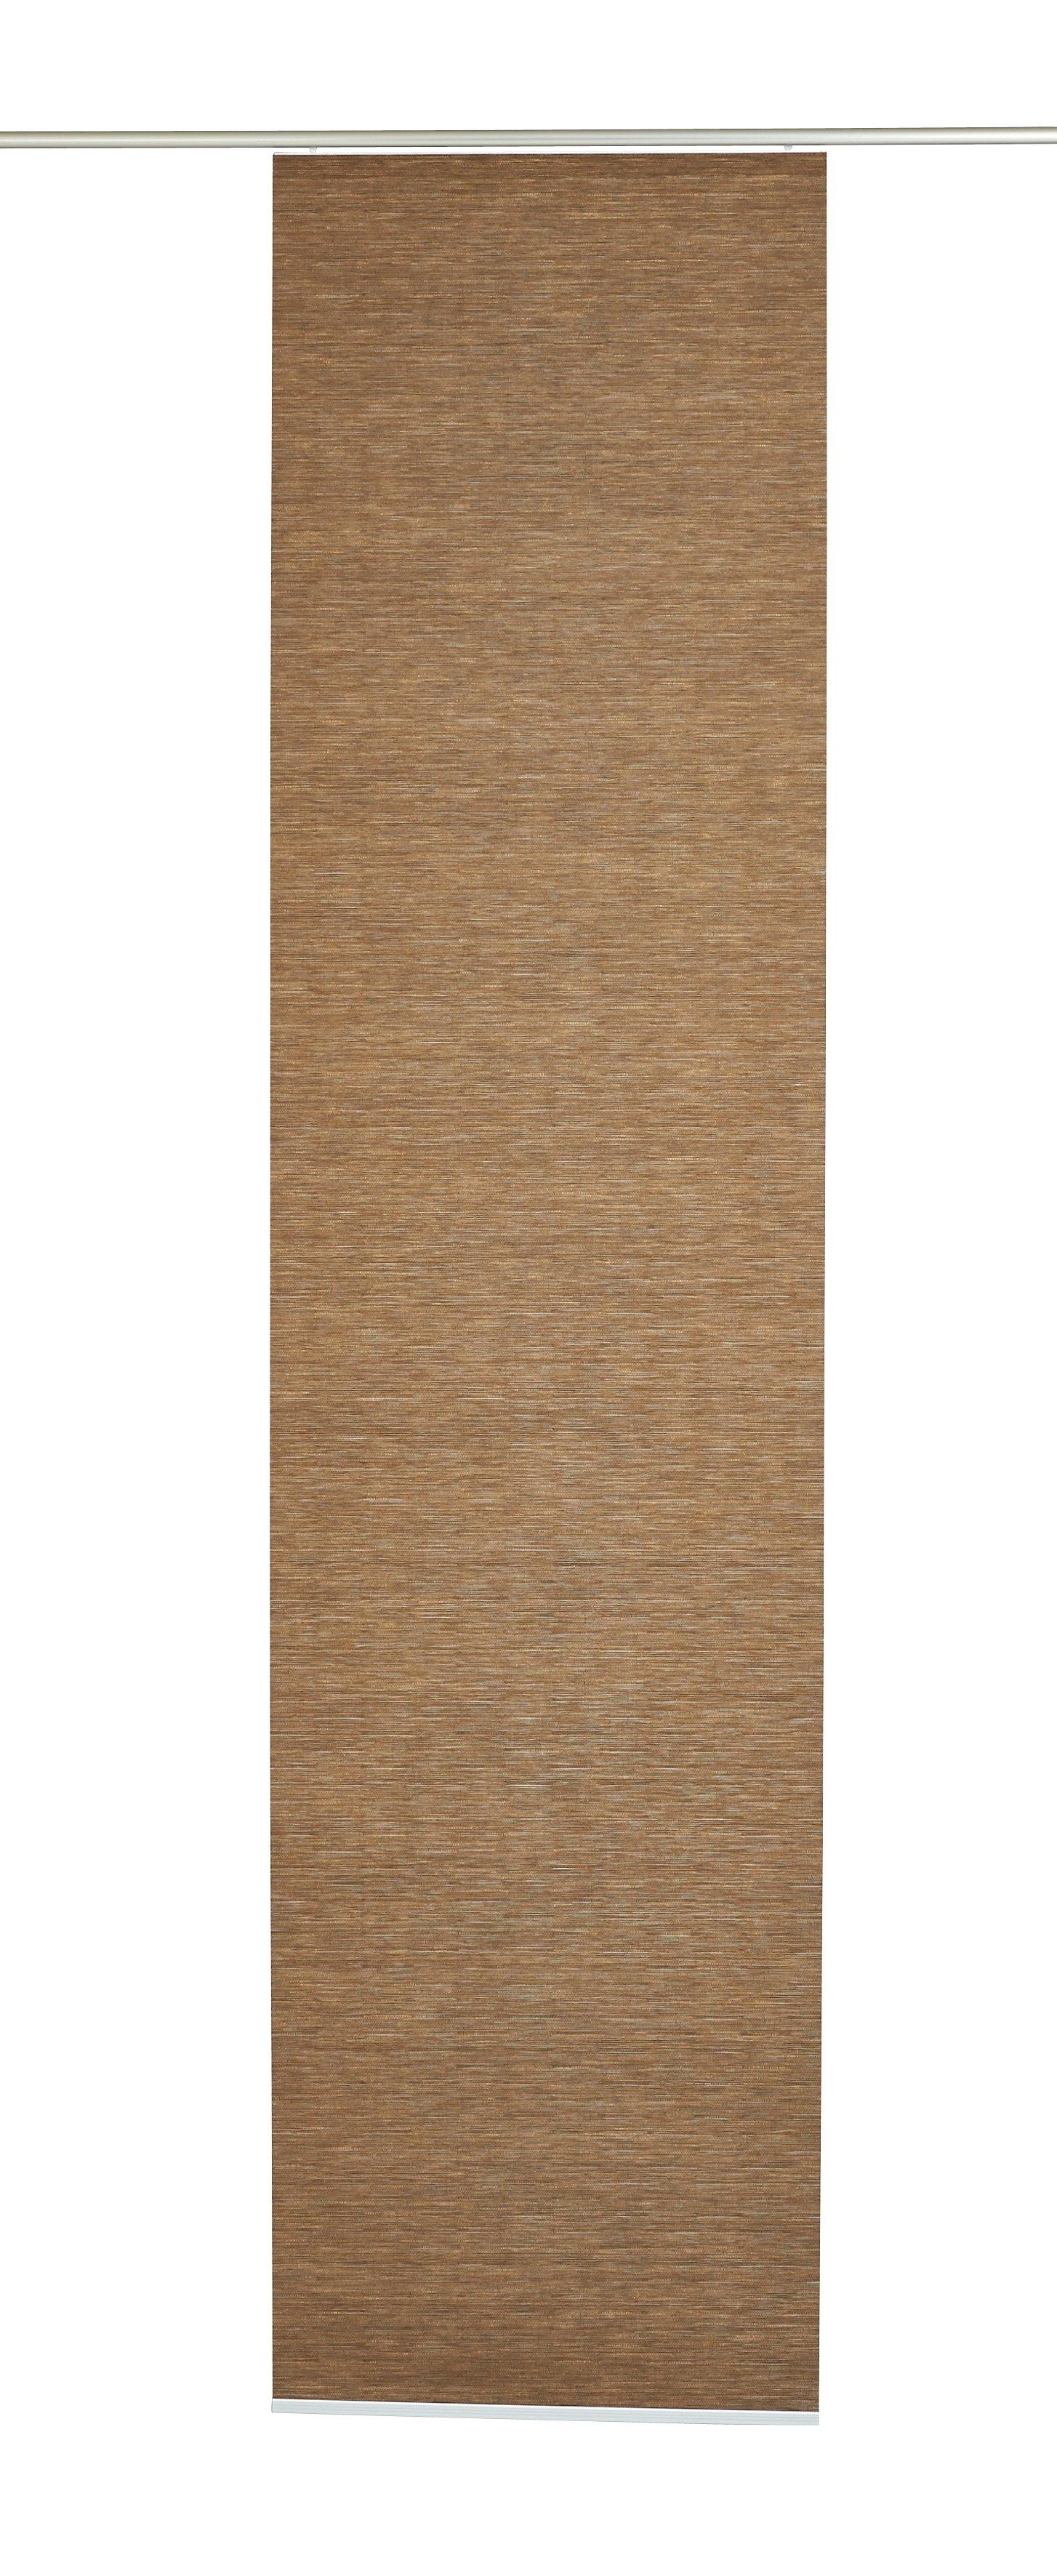 GARDINIA Paneelgordijn naturel-look HxB: 245x60 (1 stuk) - verschillende betaalmethodes